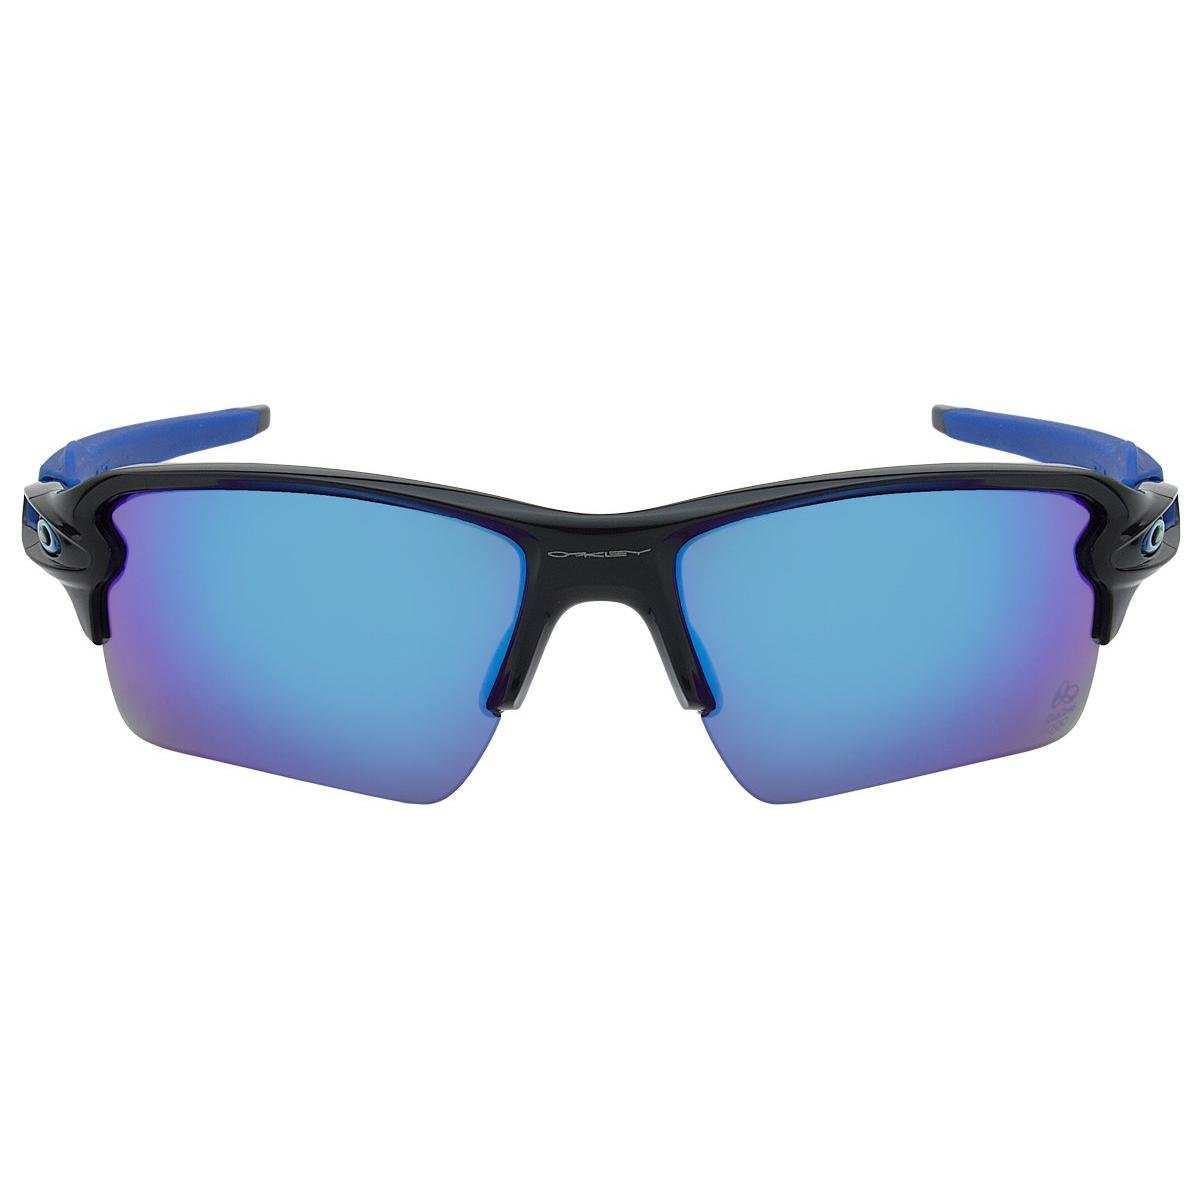 Óculos de Sol Oakley Flak 2.0 XL OO9188 - Polished Black - Sapphire Iridium  - 17 59 - Compre Agora  d839ab4f506